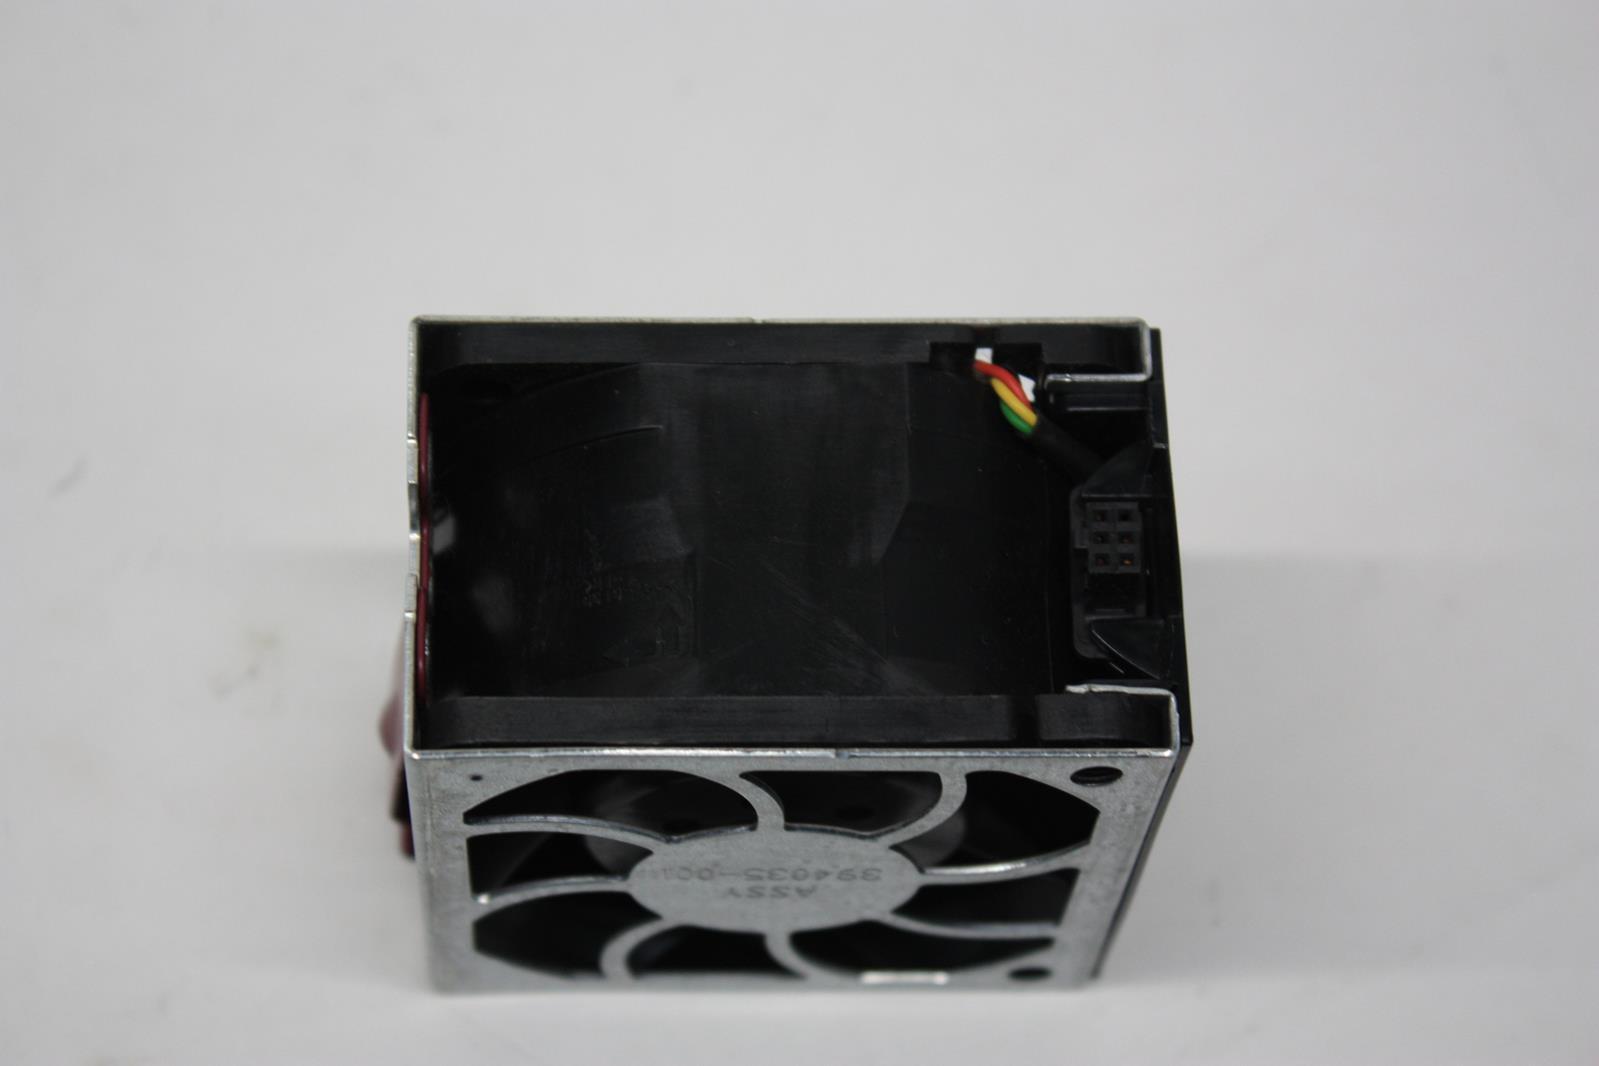 HP 394035-001 HP PROLIANT DL380 NIDEC G5 SERVER CASE FAN 6PINS  394035-001